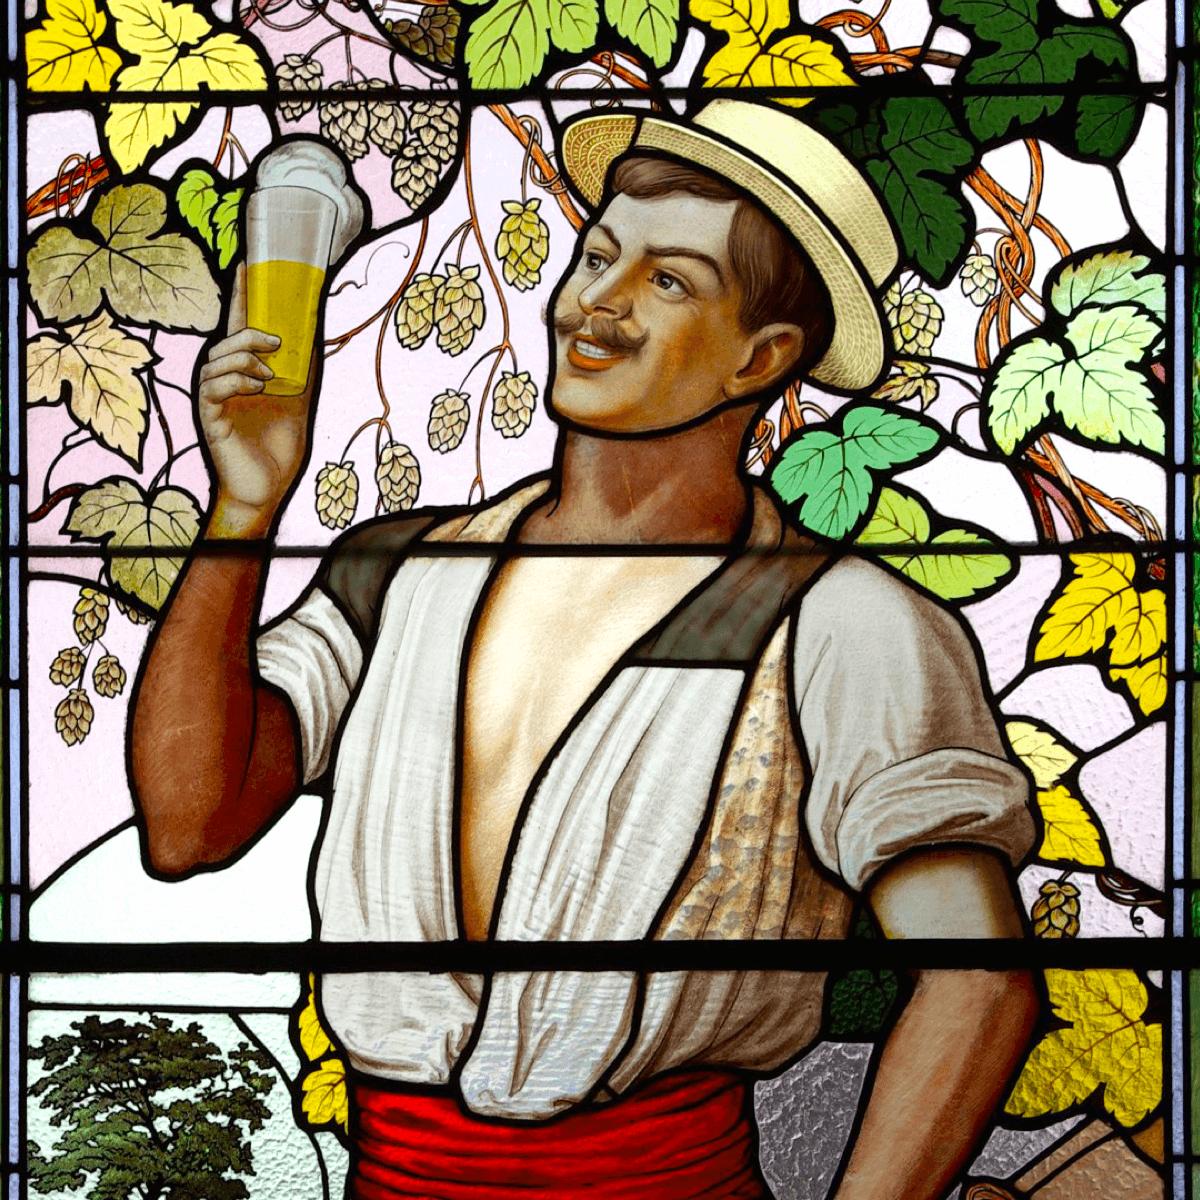 Un brasseur représenté sur un vitrail de la brasserie de Saint Nicolas de Port en Lorraine - Divine Box